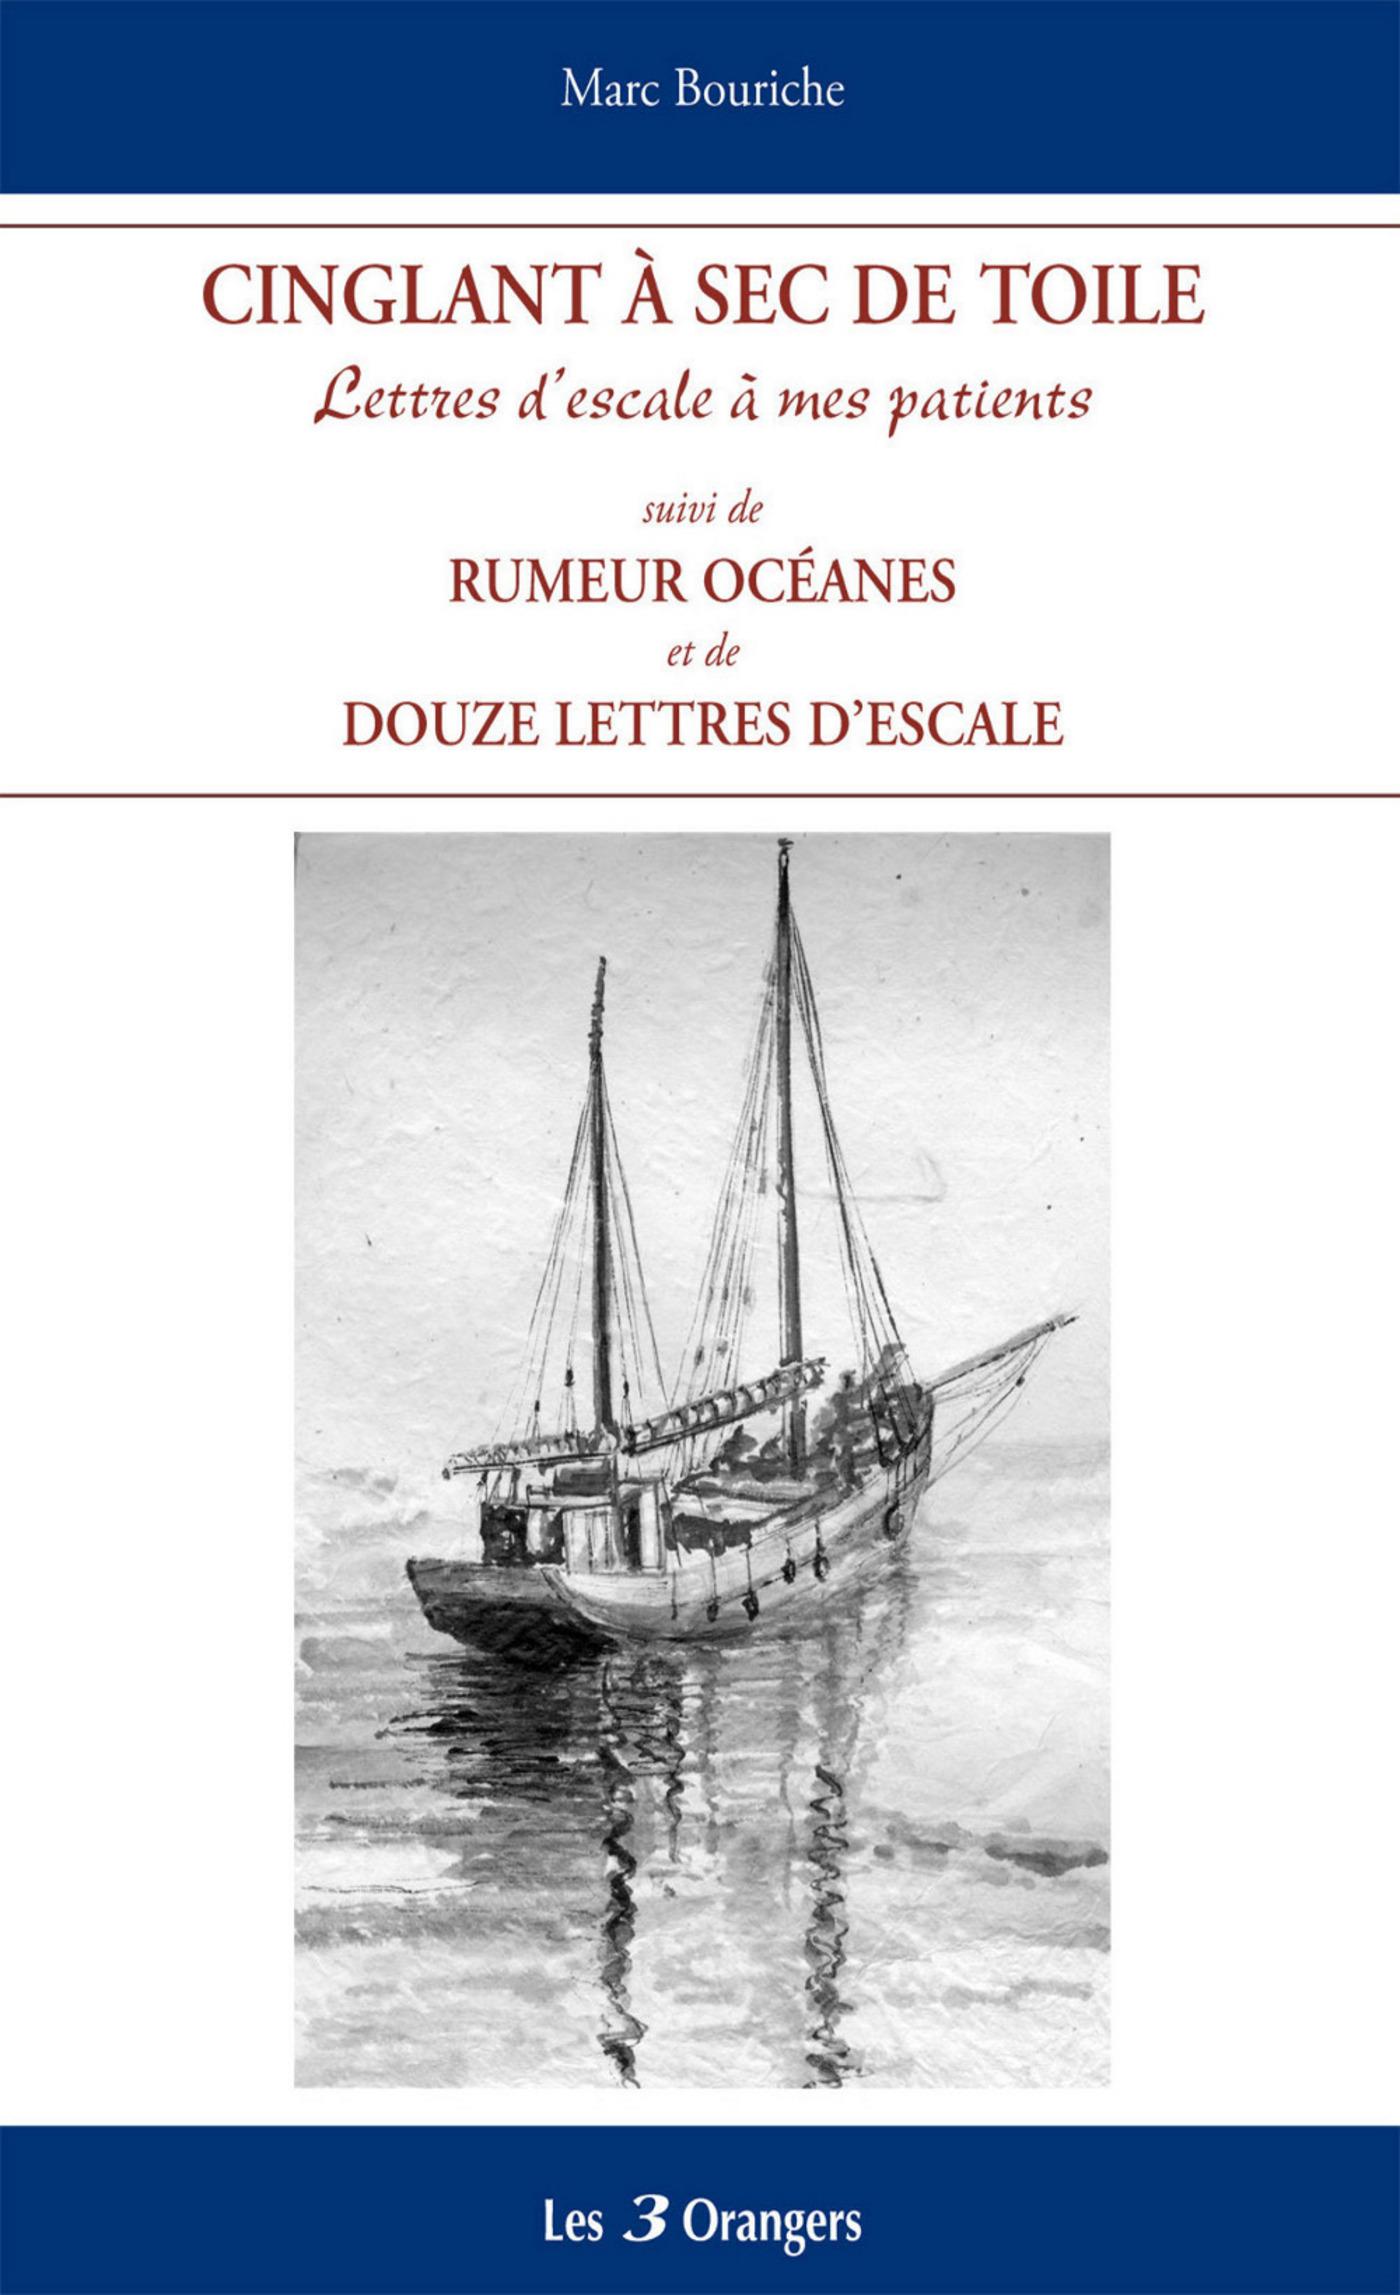 Cinglant à sec de toile suivi de Rumeurs océanes et Douze lettres d'escale (ebook)